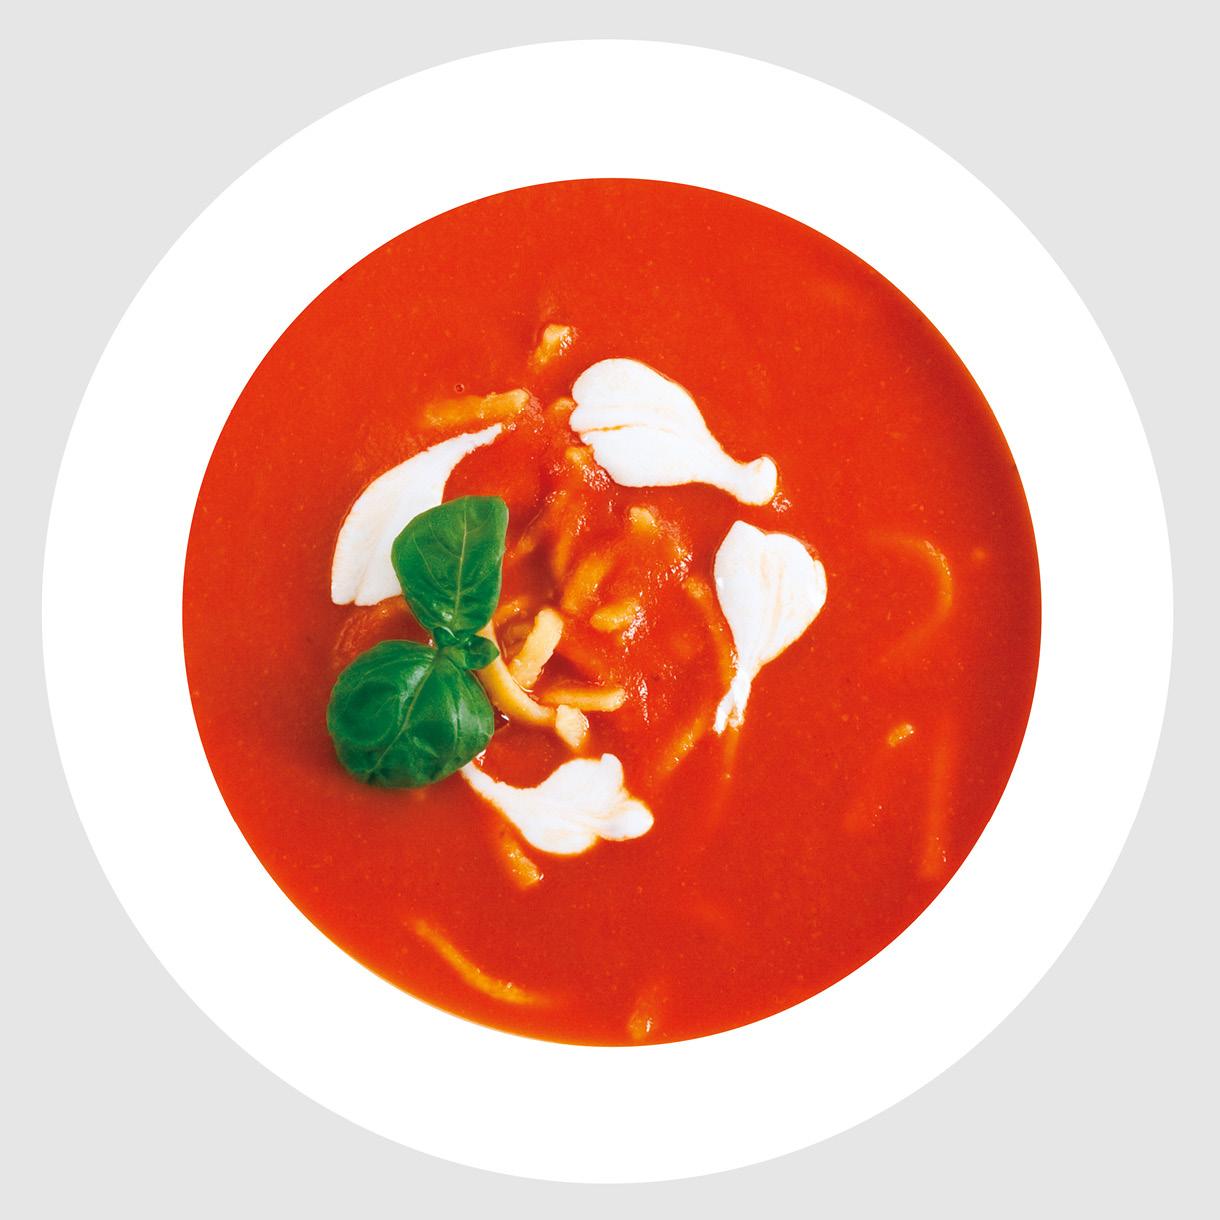 zuper - tomato soup